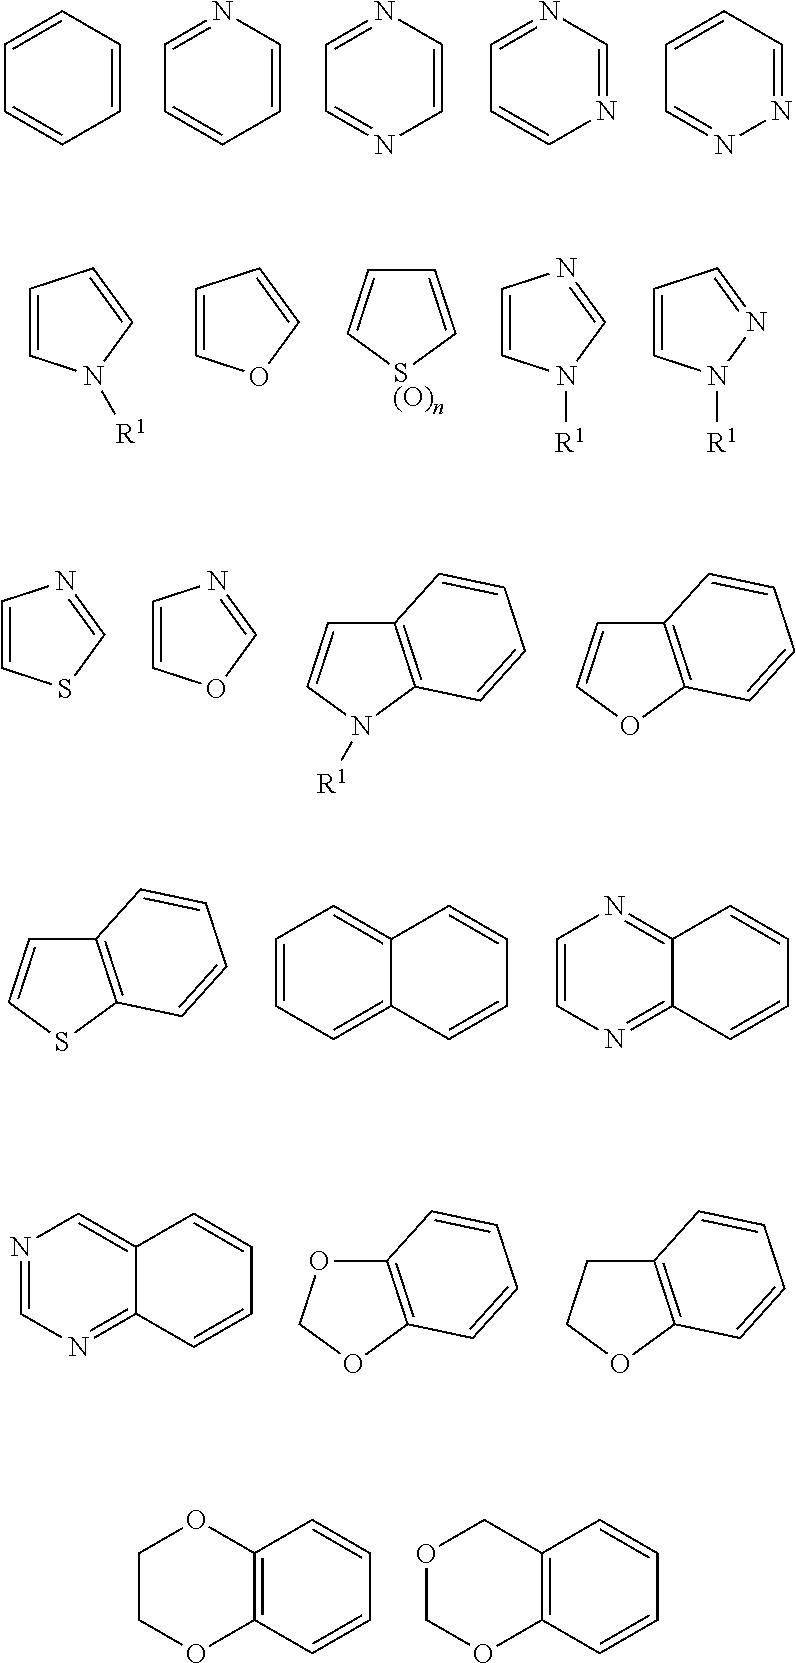 Figure US09475801-20161025-C00017